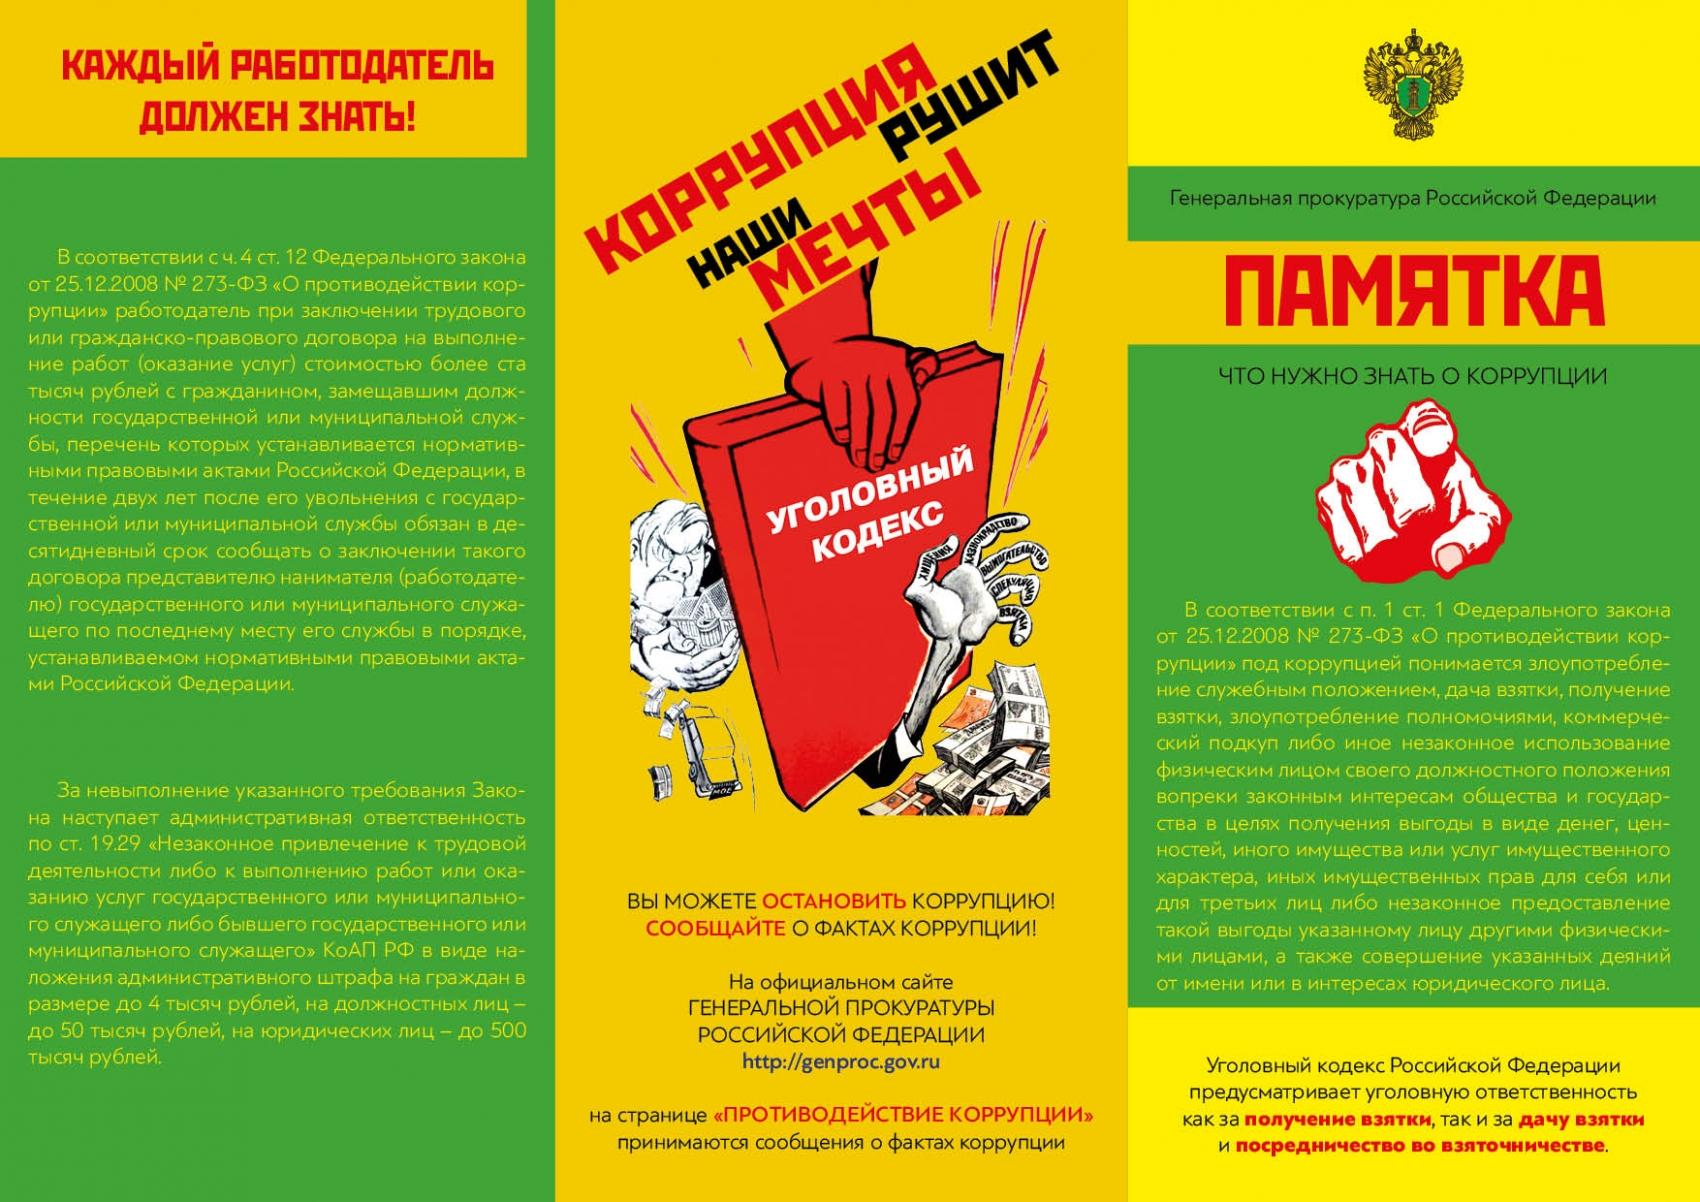 http://pupils.ru/upload/pupils/information_system_782/3/6/5/0/9/item_365094/information_items_property_116314.jpg